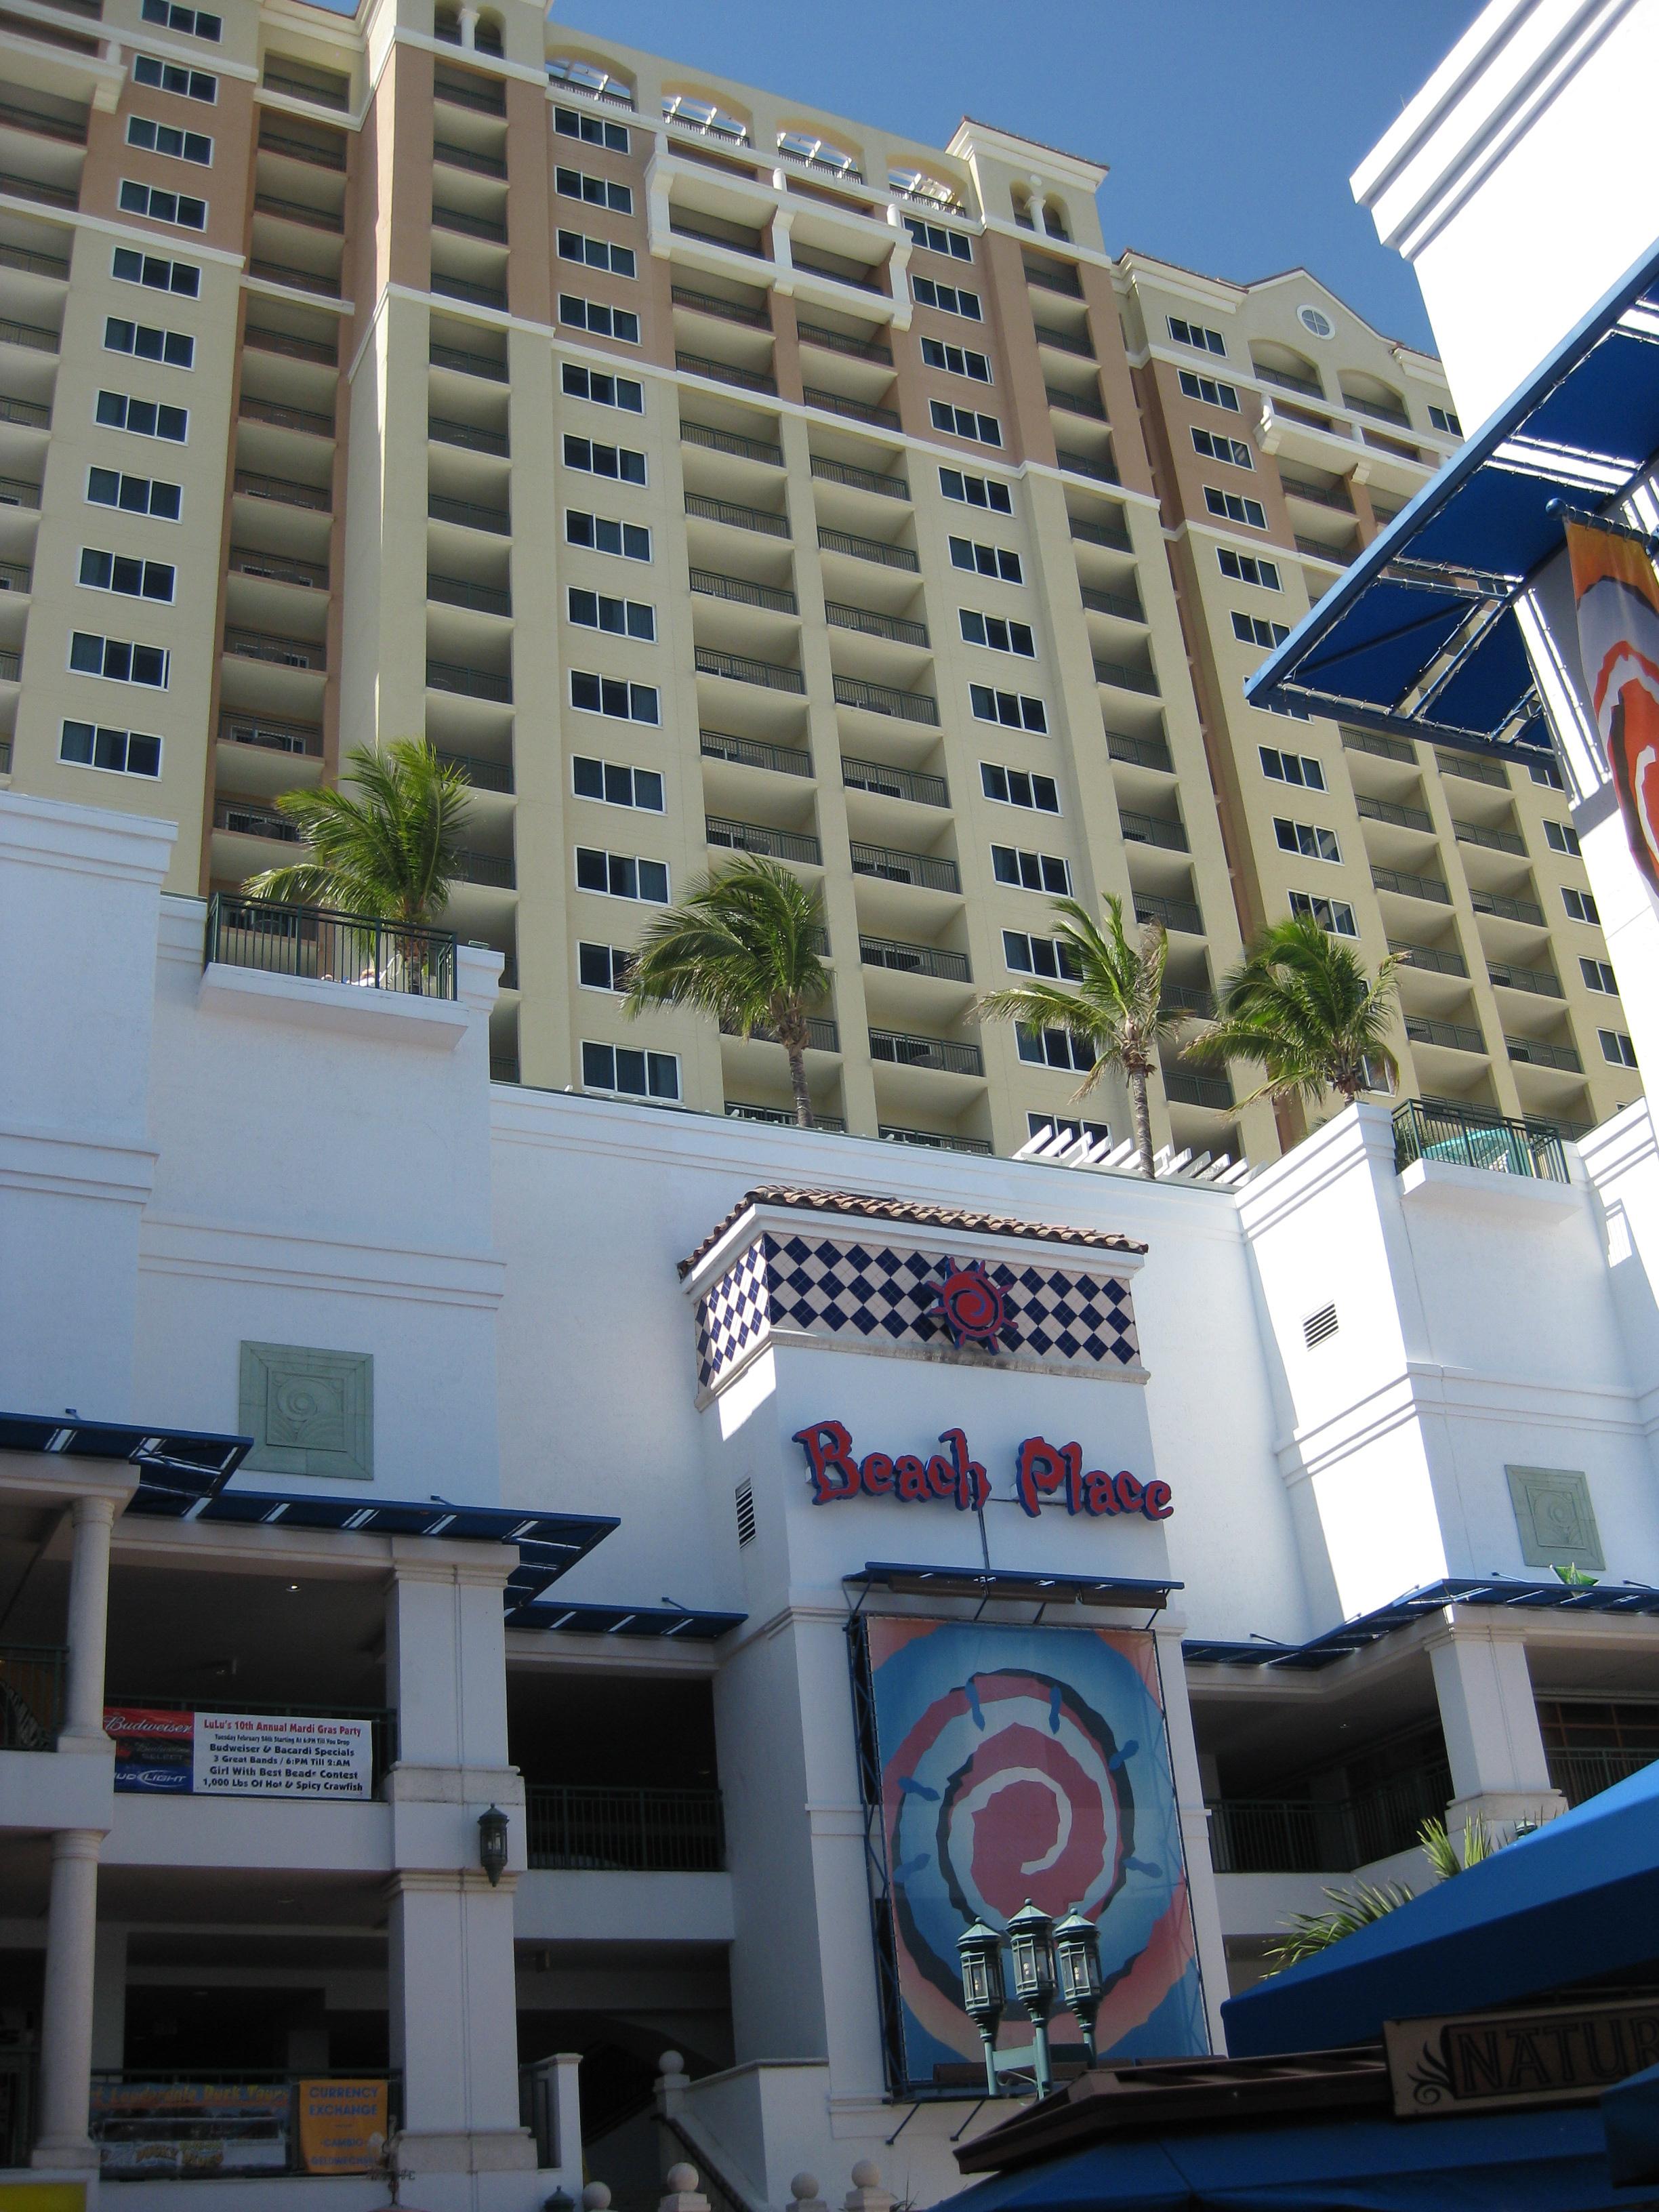 Marriott Beach Place Parking